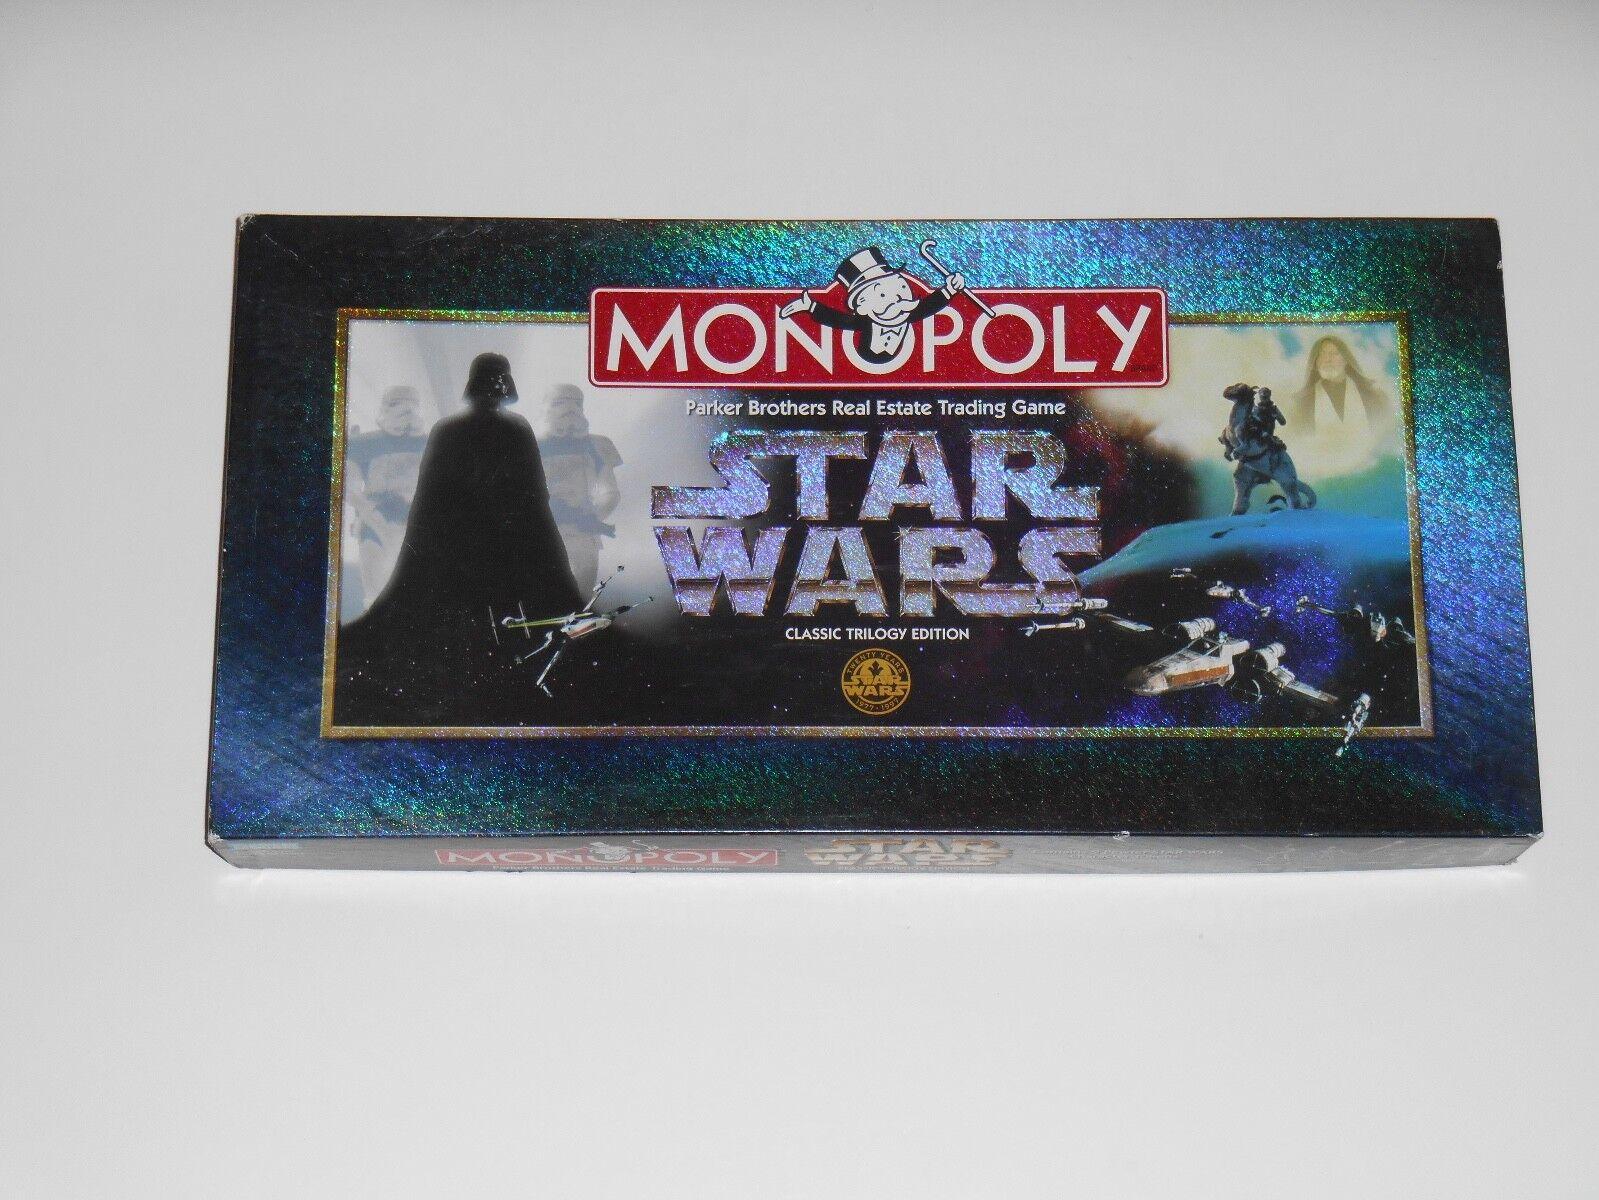 qualità ufficiale Monopoly estrella guerras classeic Trilogy edizione tavola gioco gioco gioco 9 Movie Character cifras  economico online